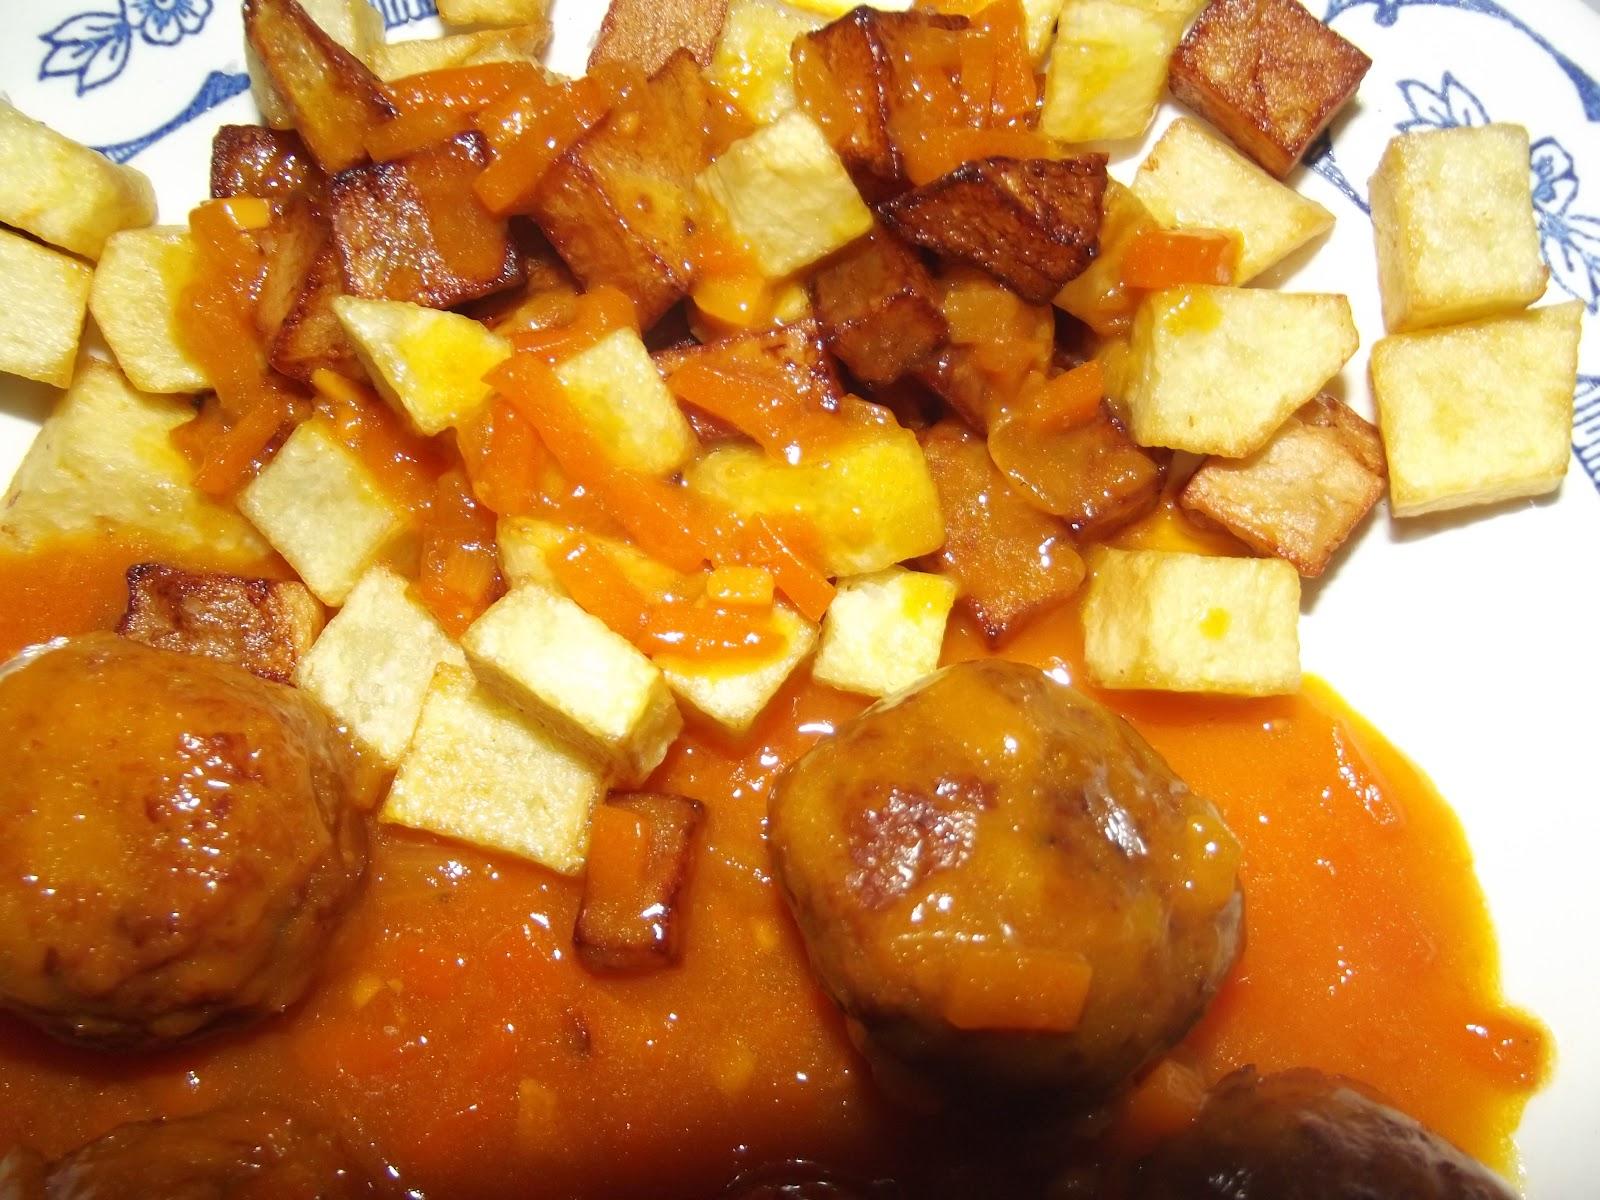 Recetas f ciles y tradicionales alb ndigas en salsa - Albondigas tradicionales ...